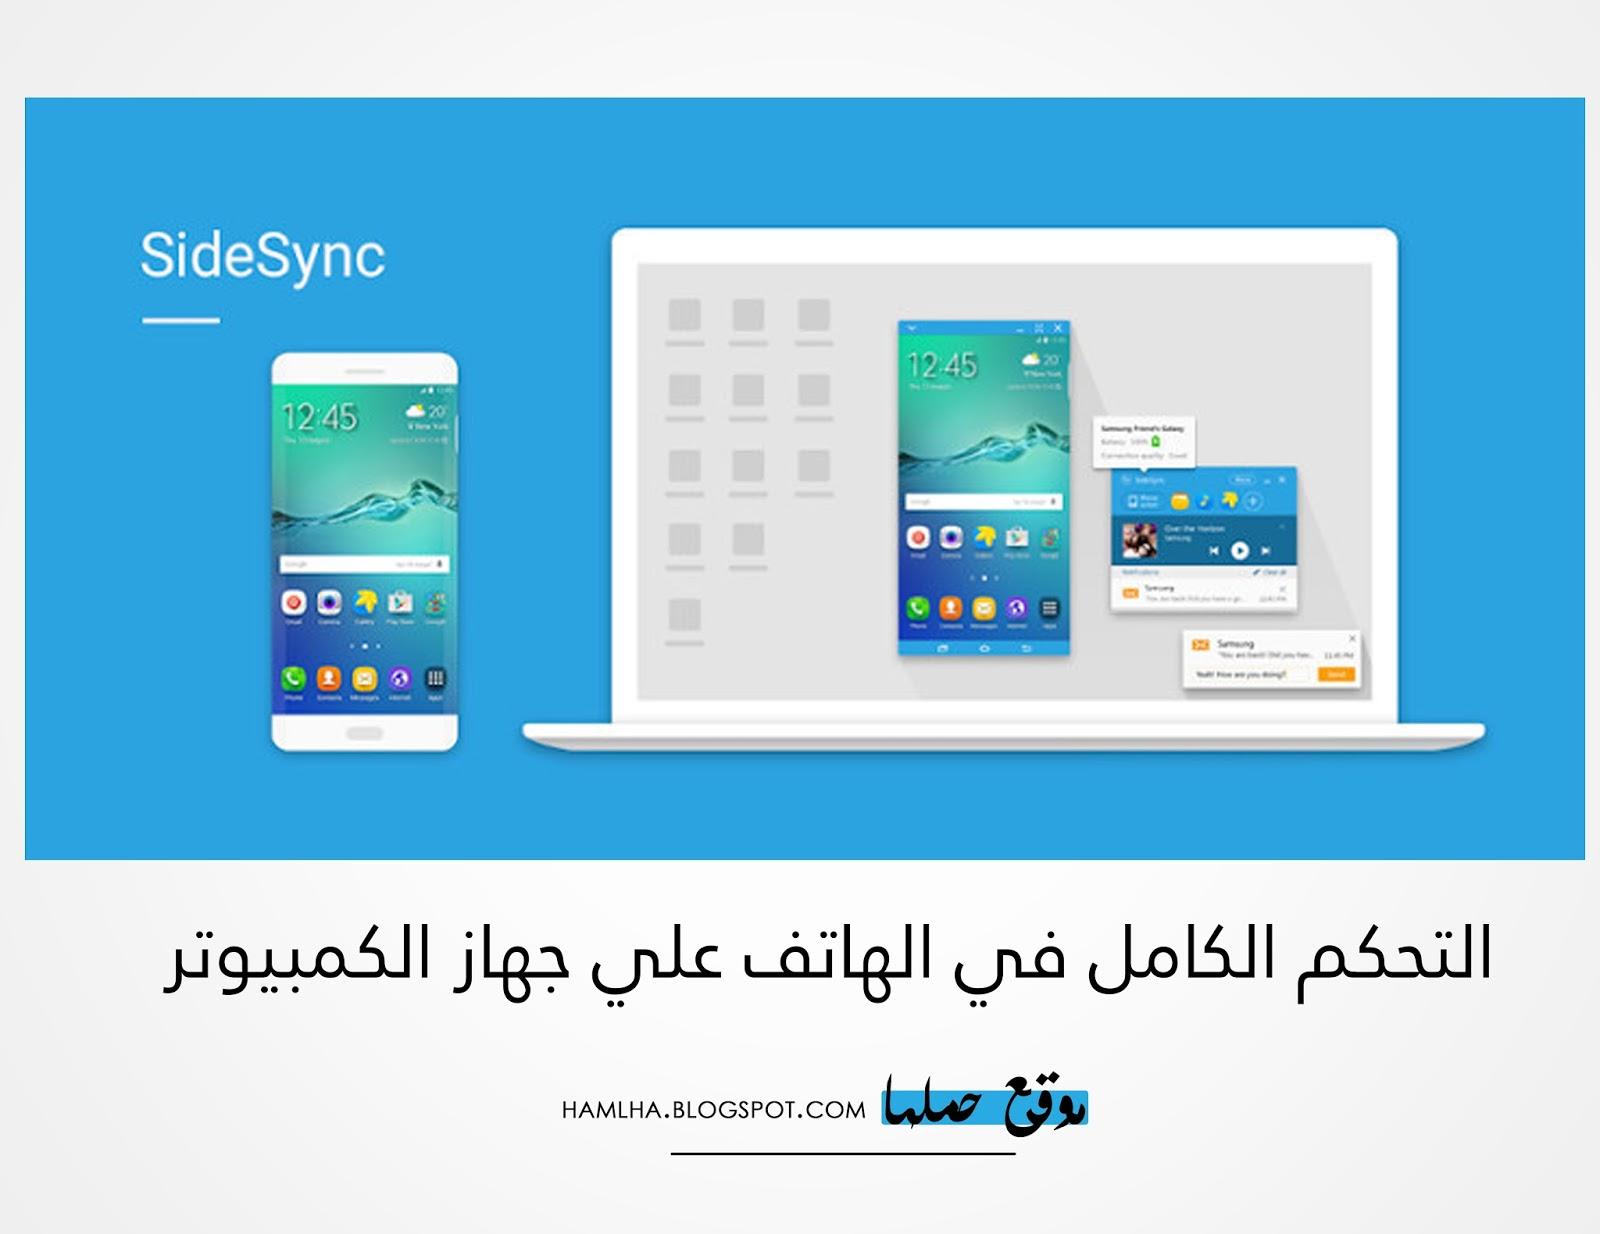 تحميل برنامج سايد سينك Download Sidesync لتحكم في الهاتف عن